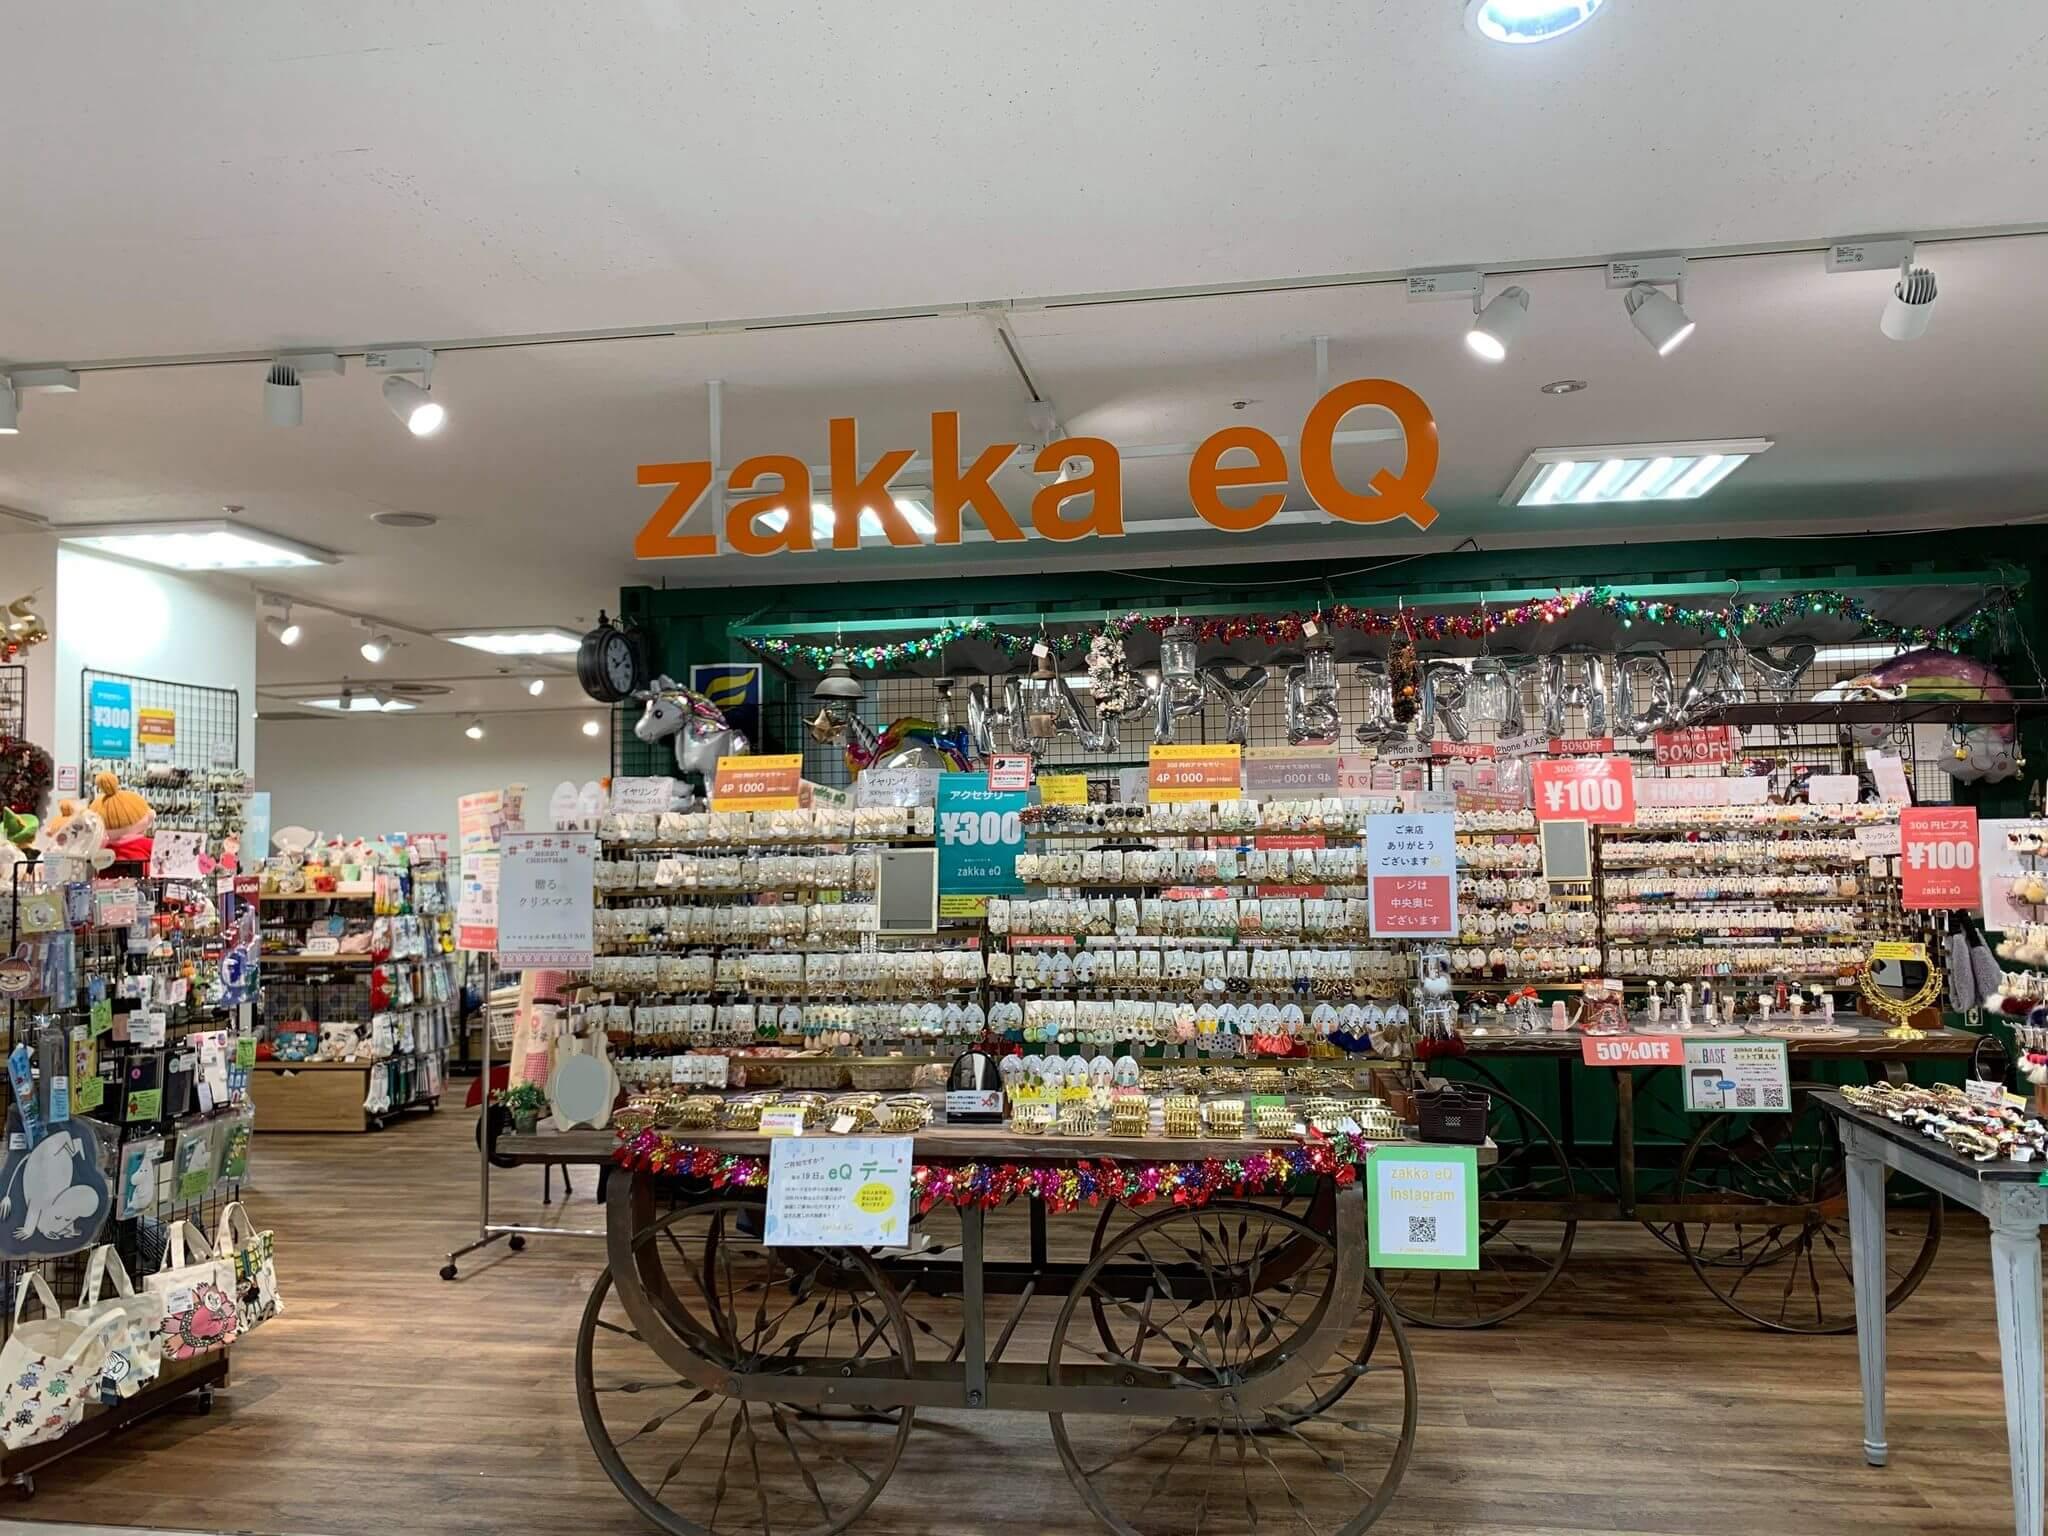 zakka eQ トキハ別府店